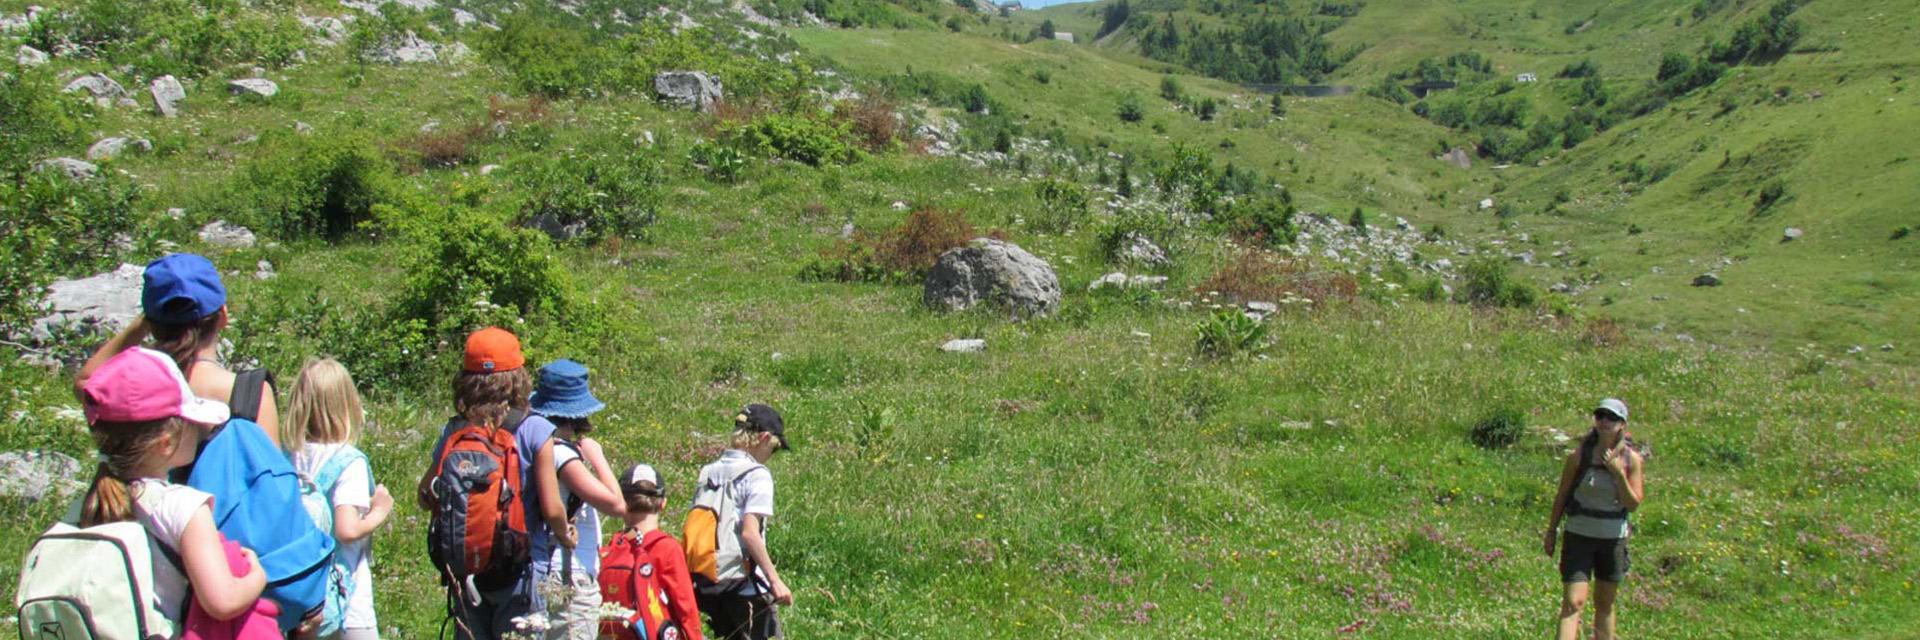 village-vacances-auberge-nordique-randonnee-montagne-enfants